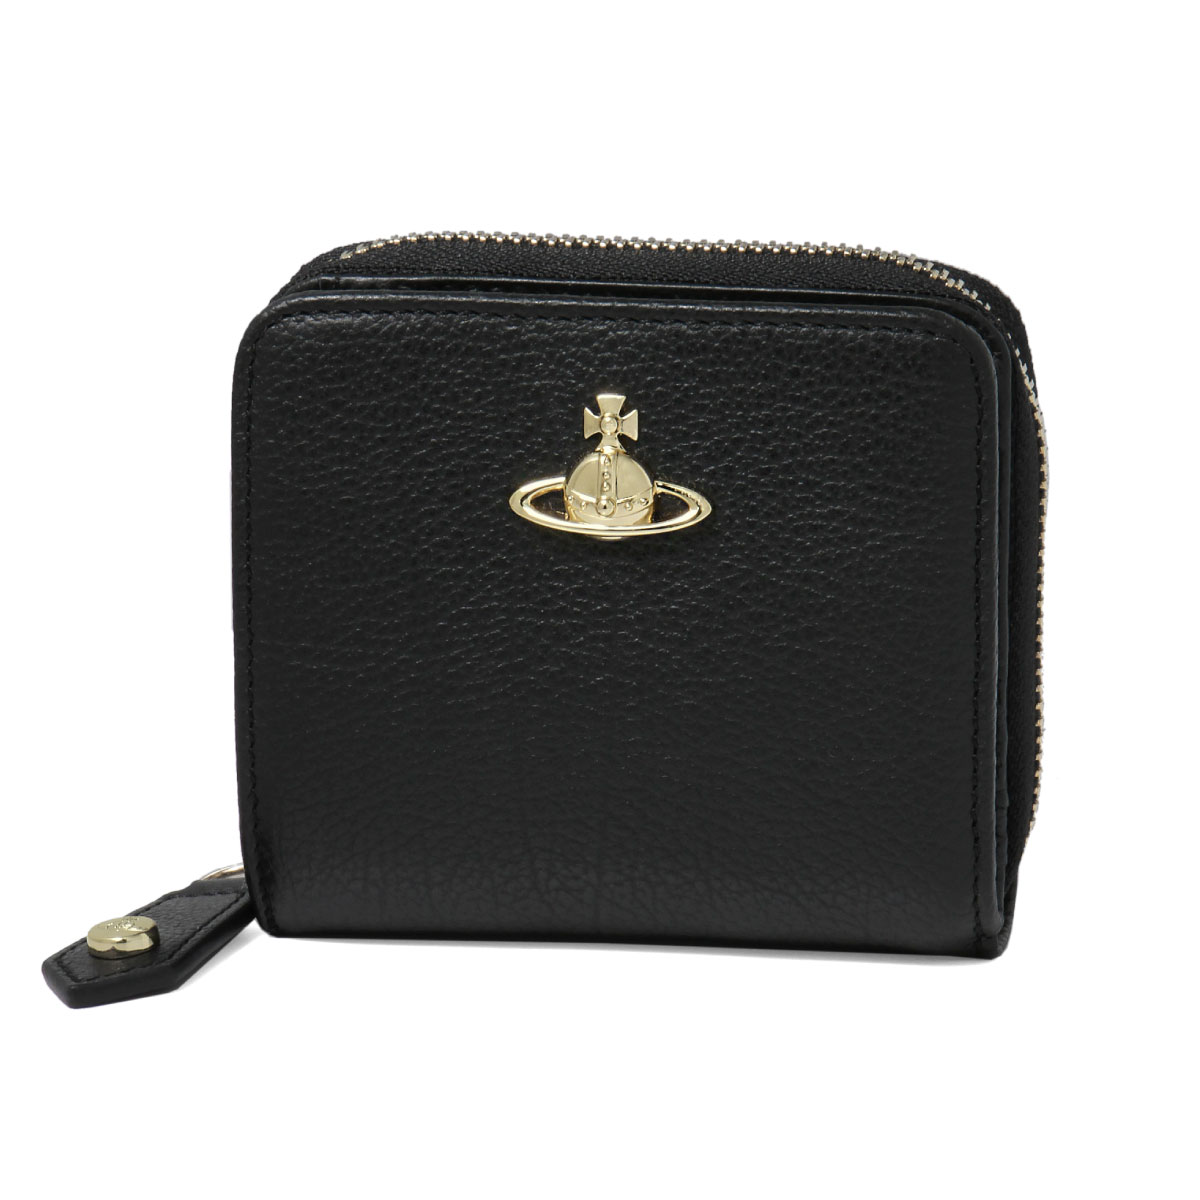 ヴィヴィアン ウエストウッド VIVIENNE WESTWOOD 財布 レディース 51080020 40212 N401 二つ折り財布 ミディアム BALMORAL バルモラル BLACK ブラック